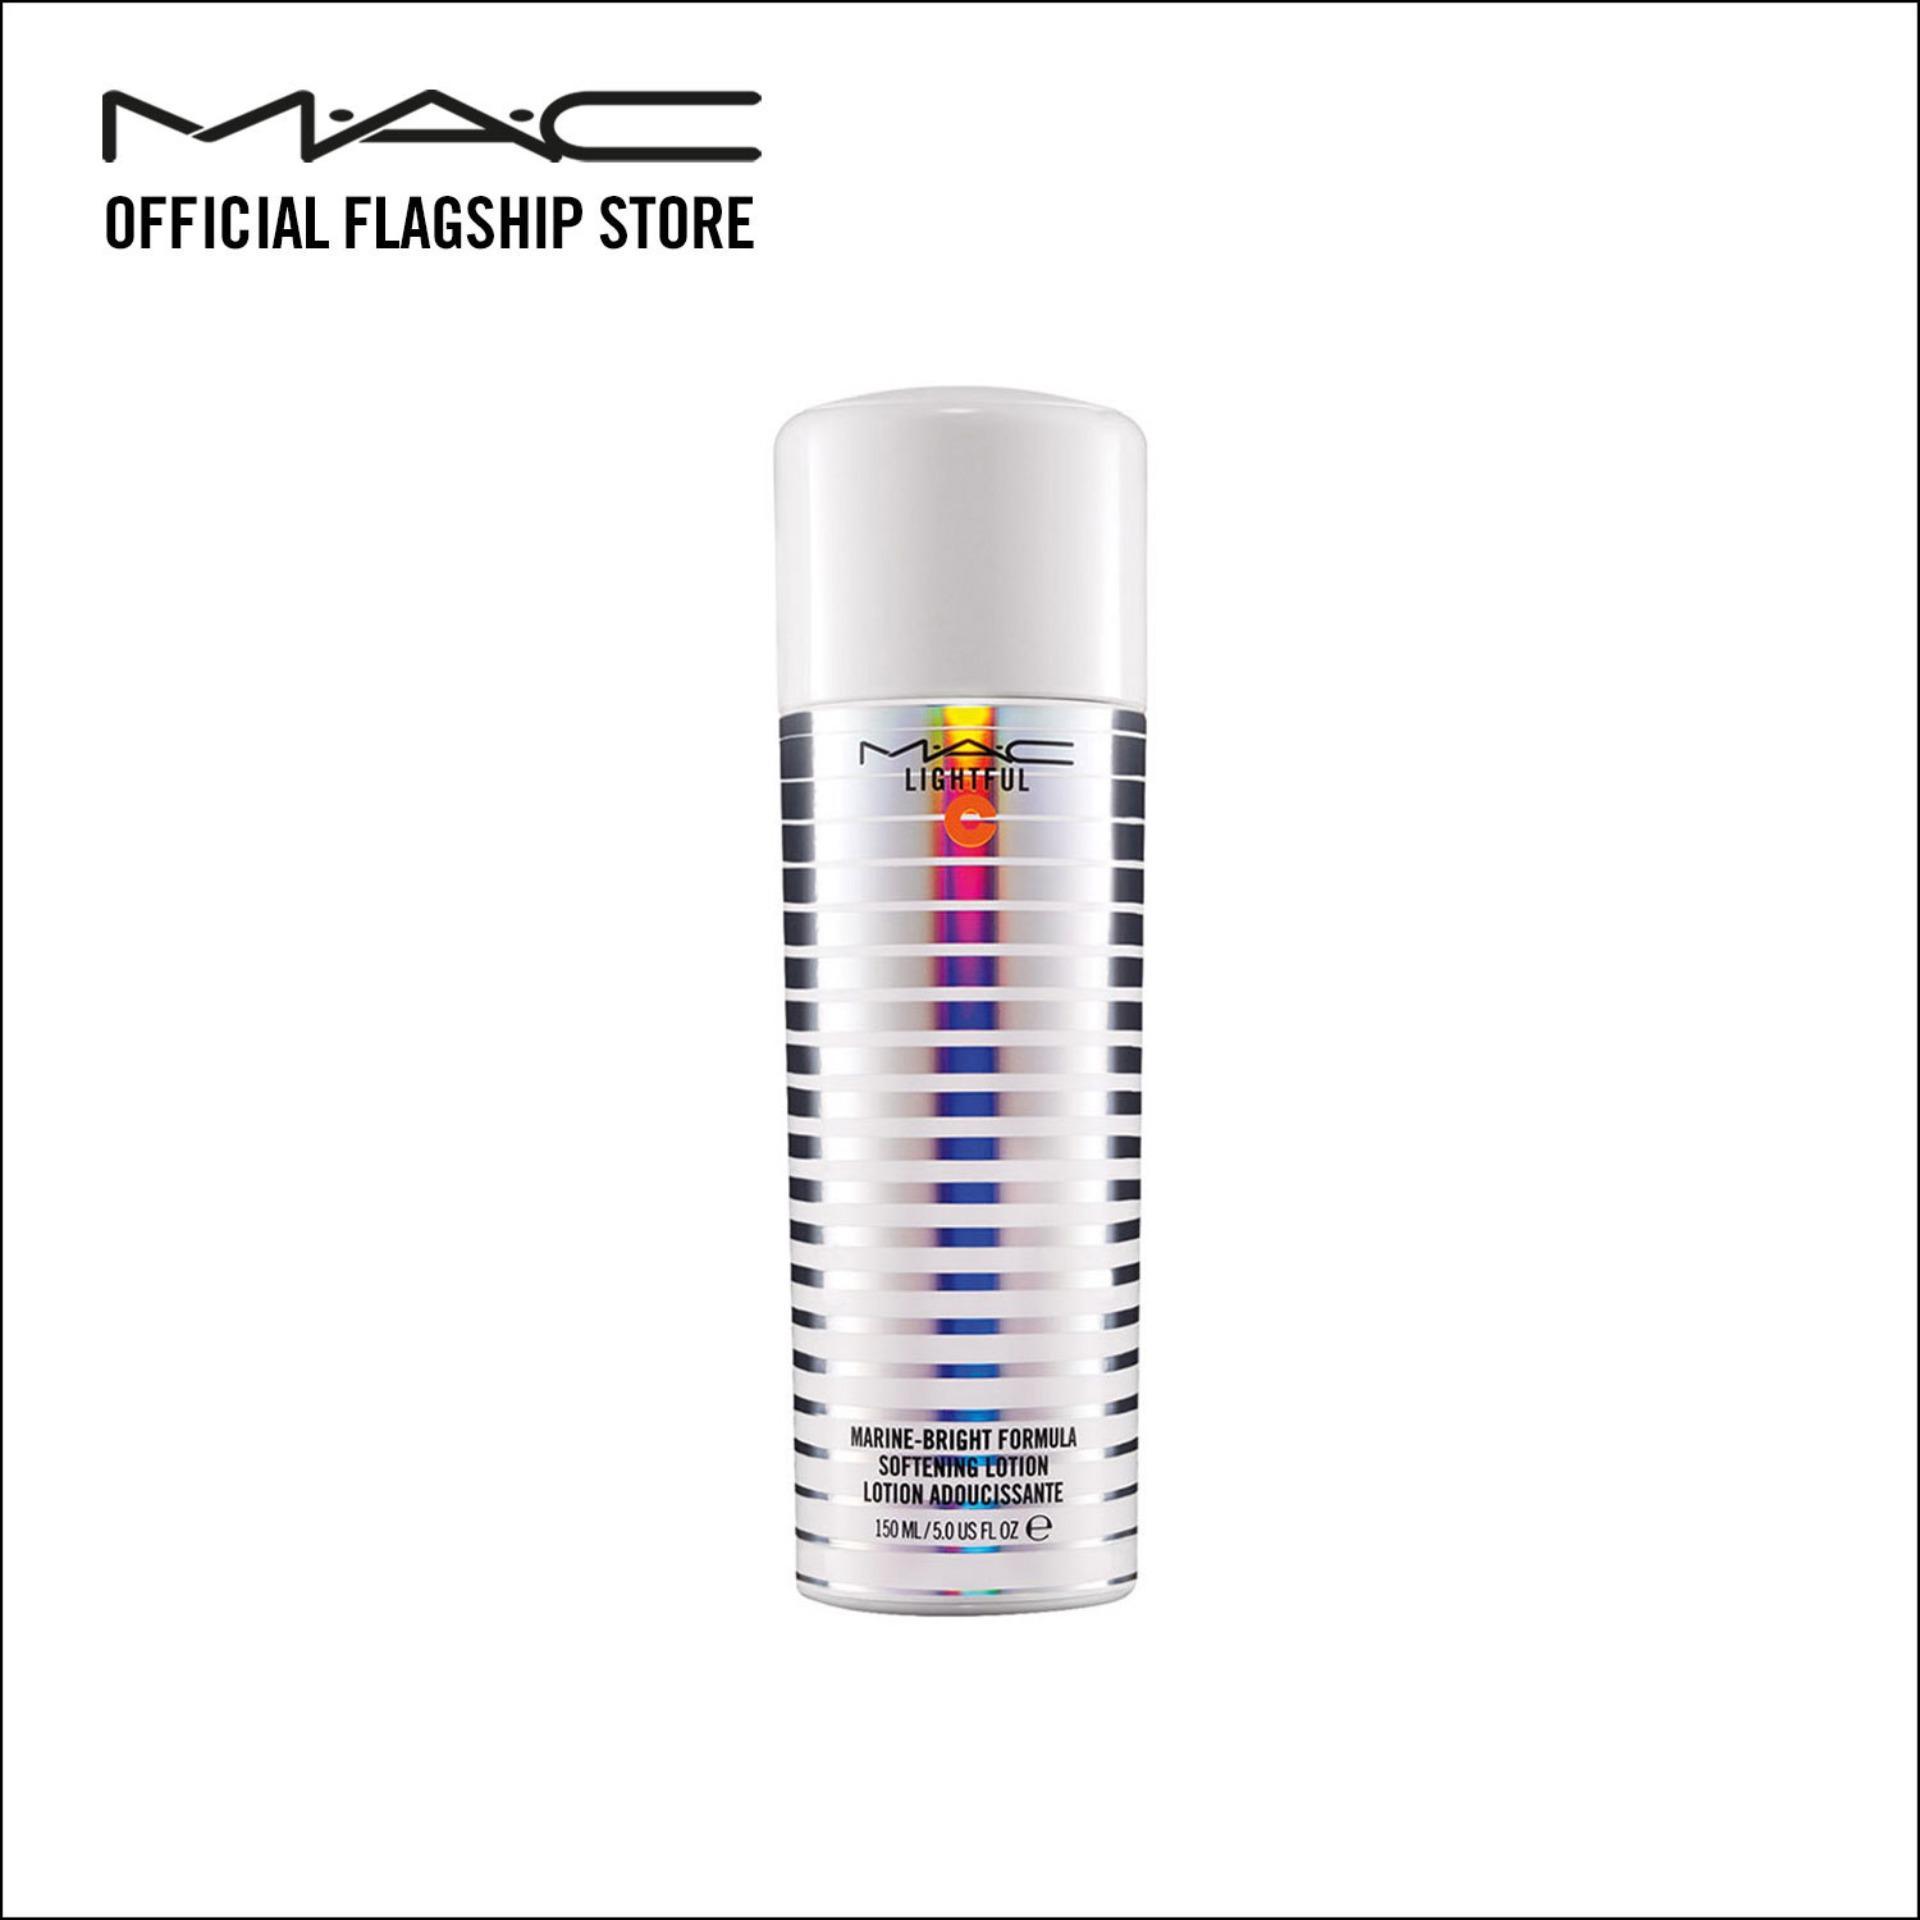 Nước hoa hồng dưỡng sáng da dạng xịt MAC Lightful C + Marine-Bright Formula Softening Lotion 150ml